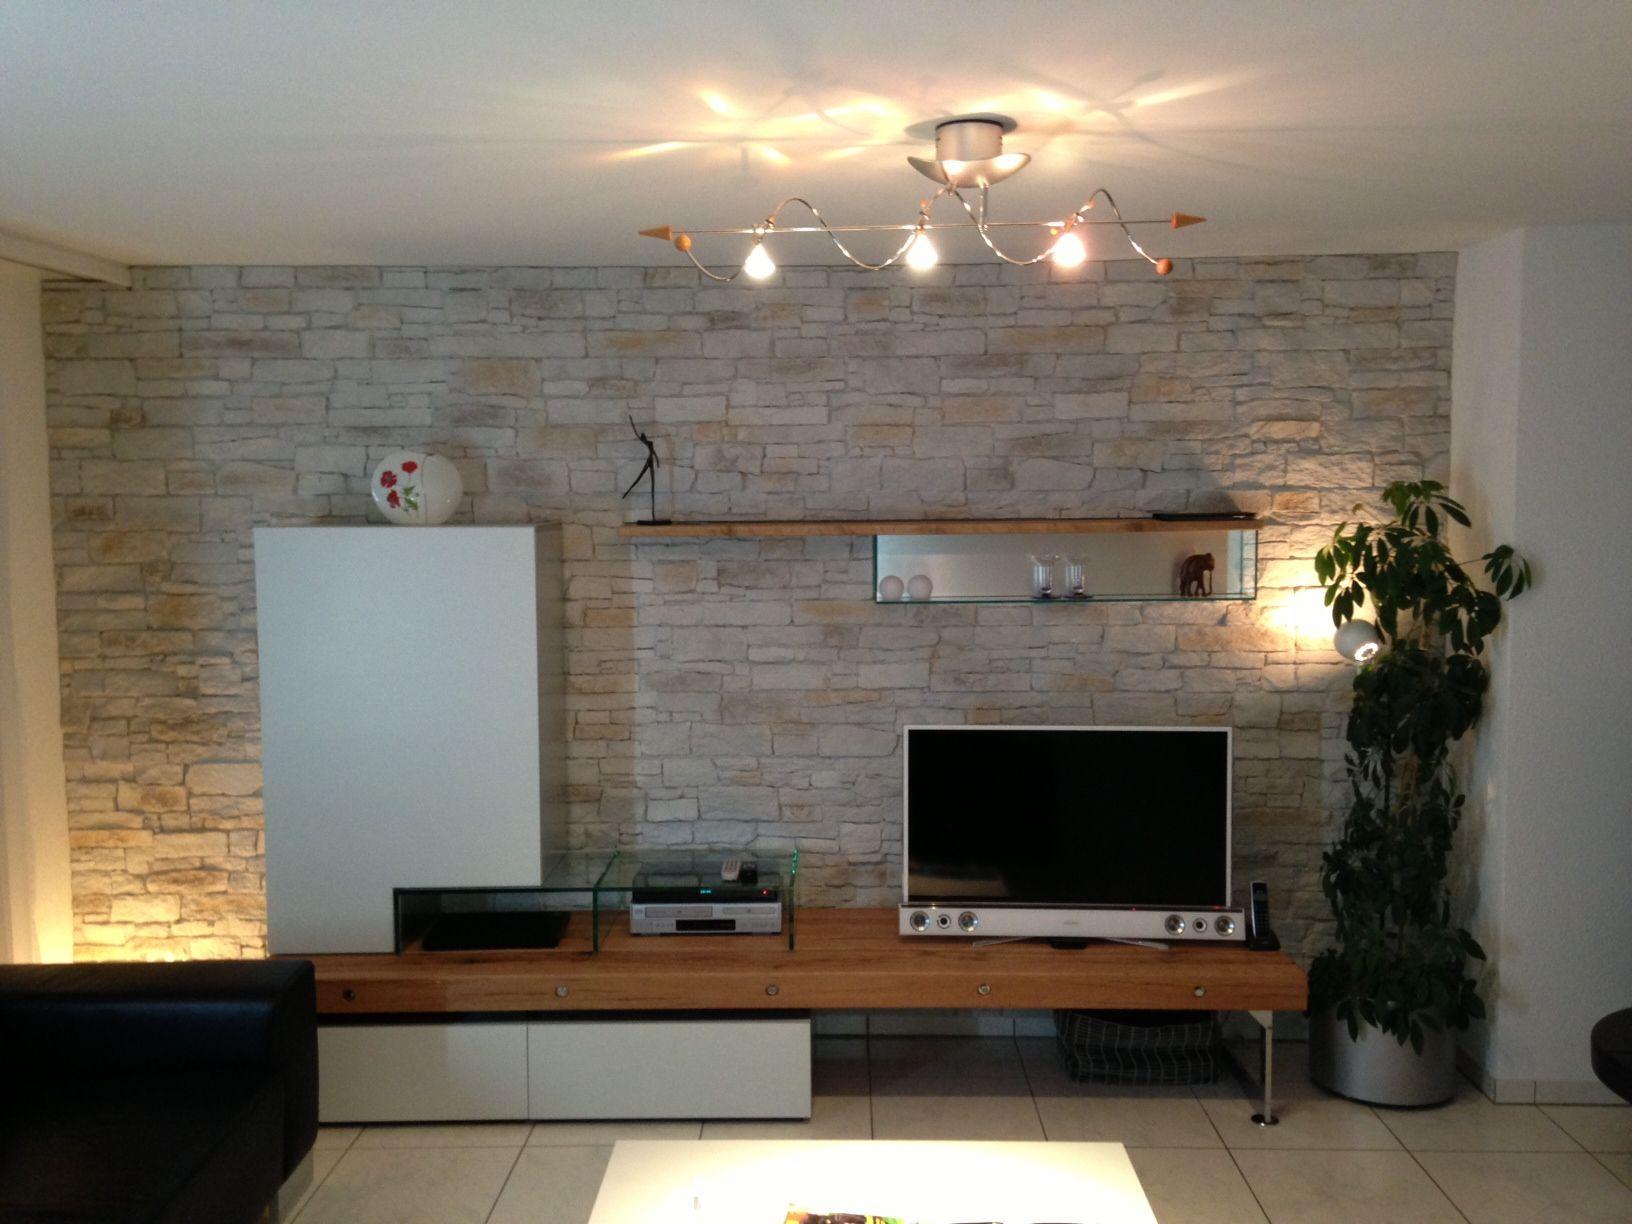 xstein tv steinwand fernsehwand steinimitat lcd plasma fernseher ... - Steinwand Design